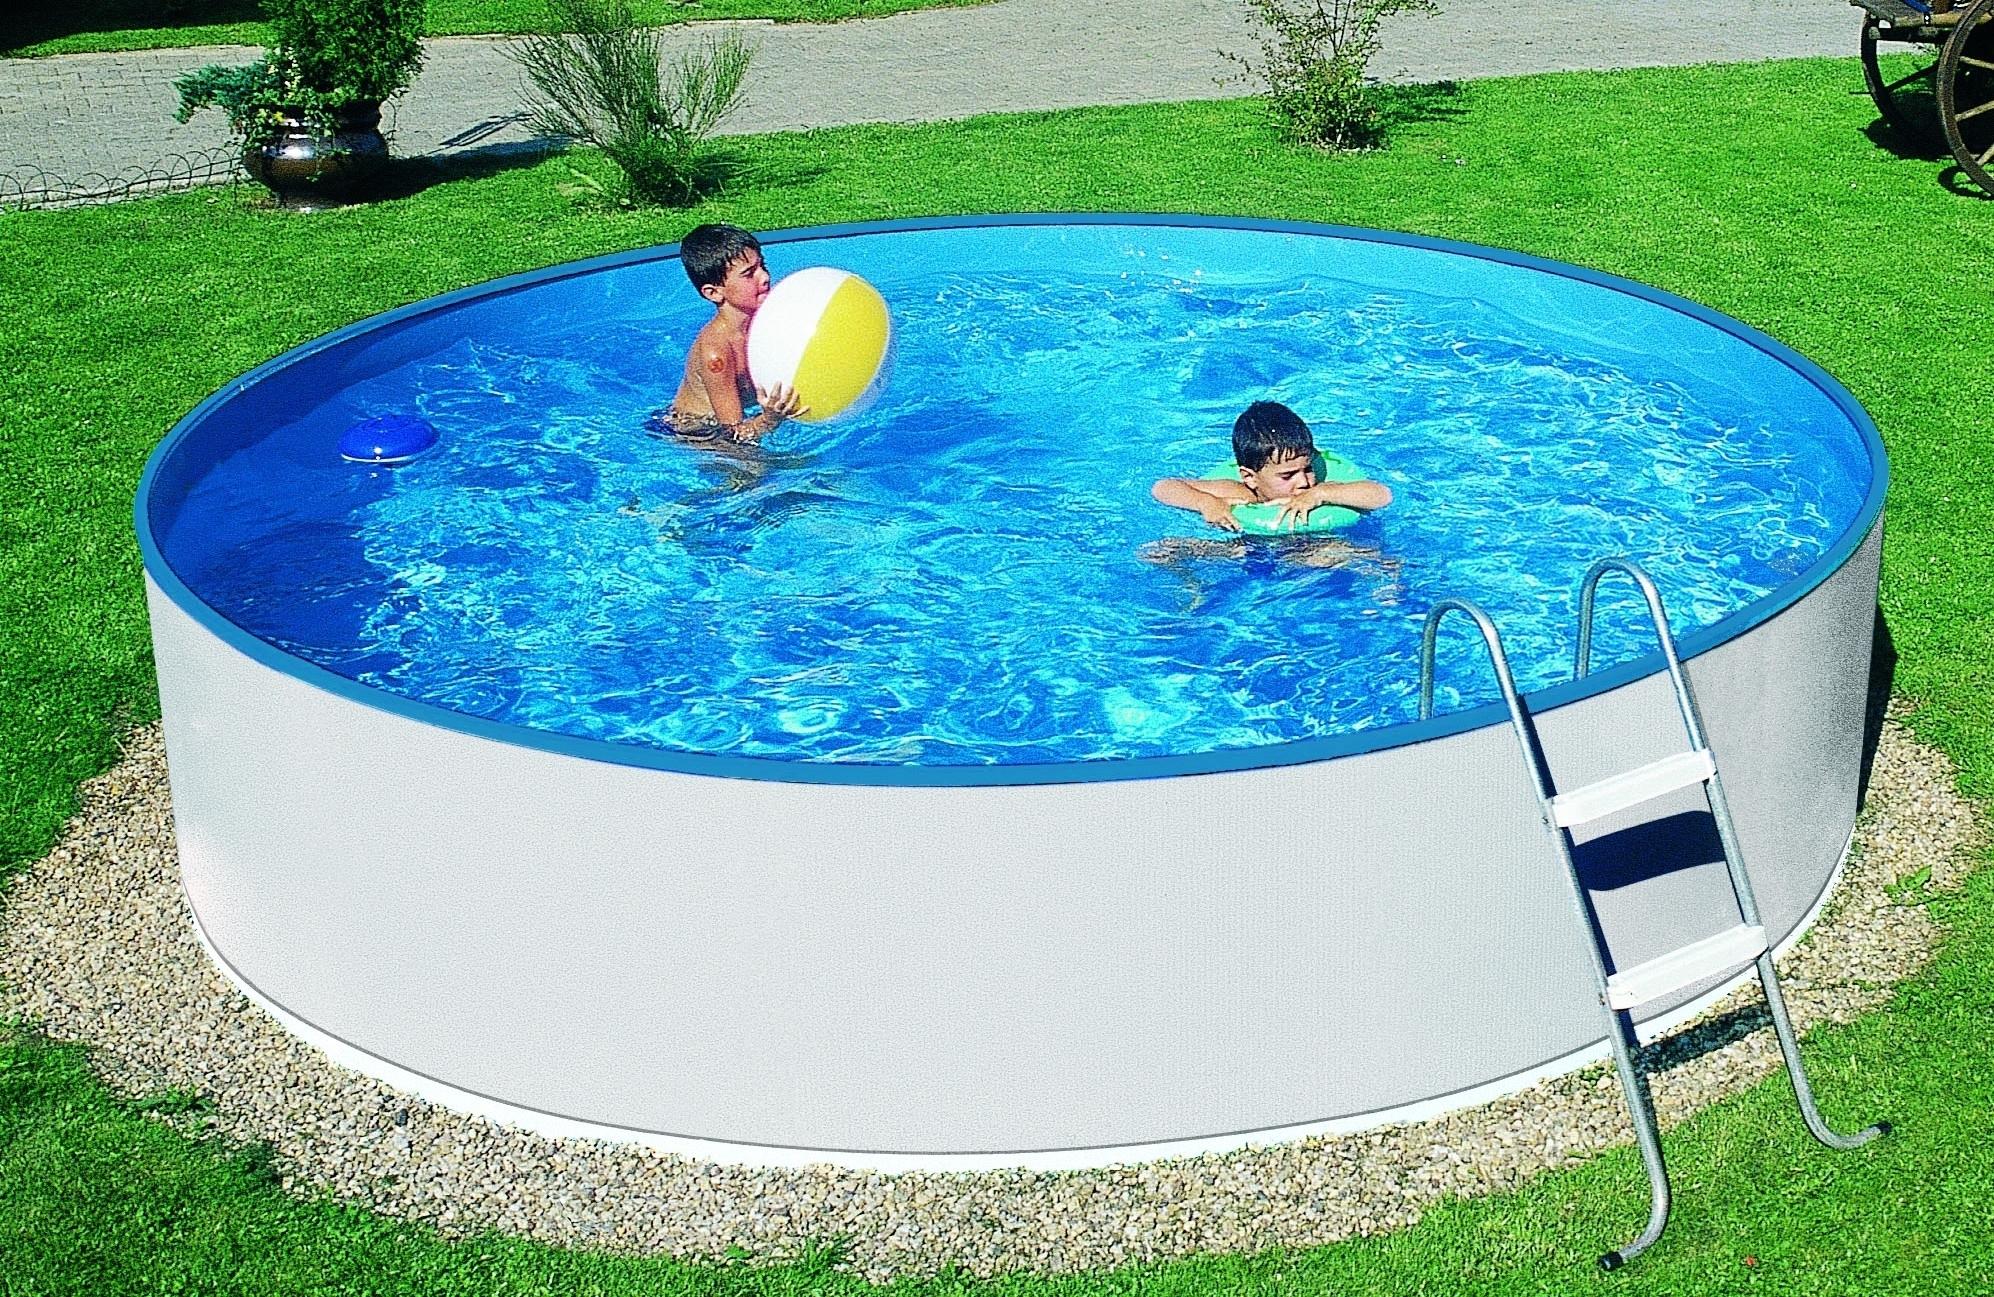 Chcete dostatečně velký a kvalitní bazén bez nutnosti zasahovat do zahrady? Zvolte nadzemní bazén.